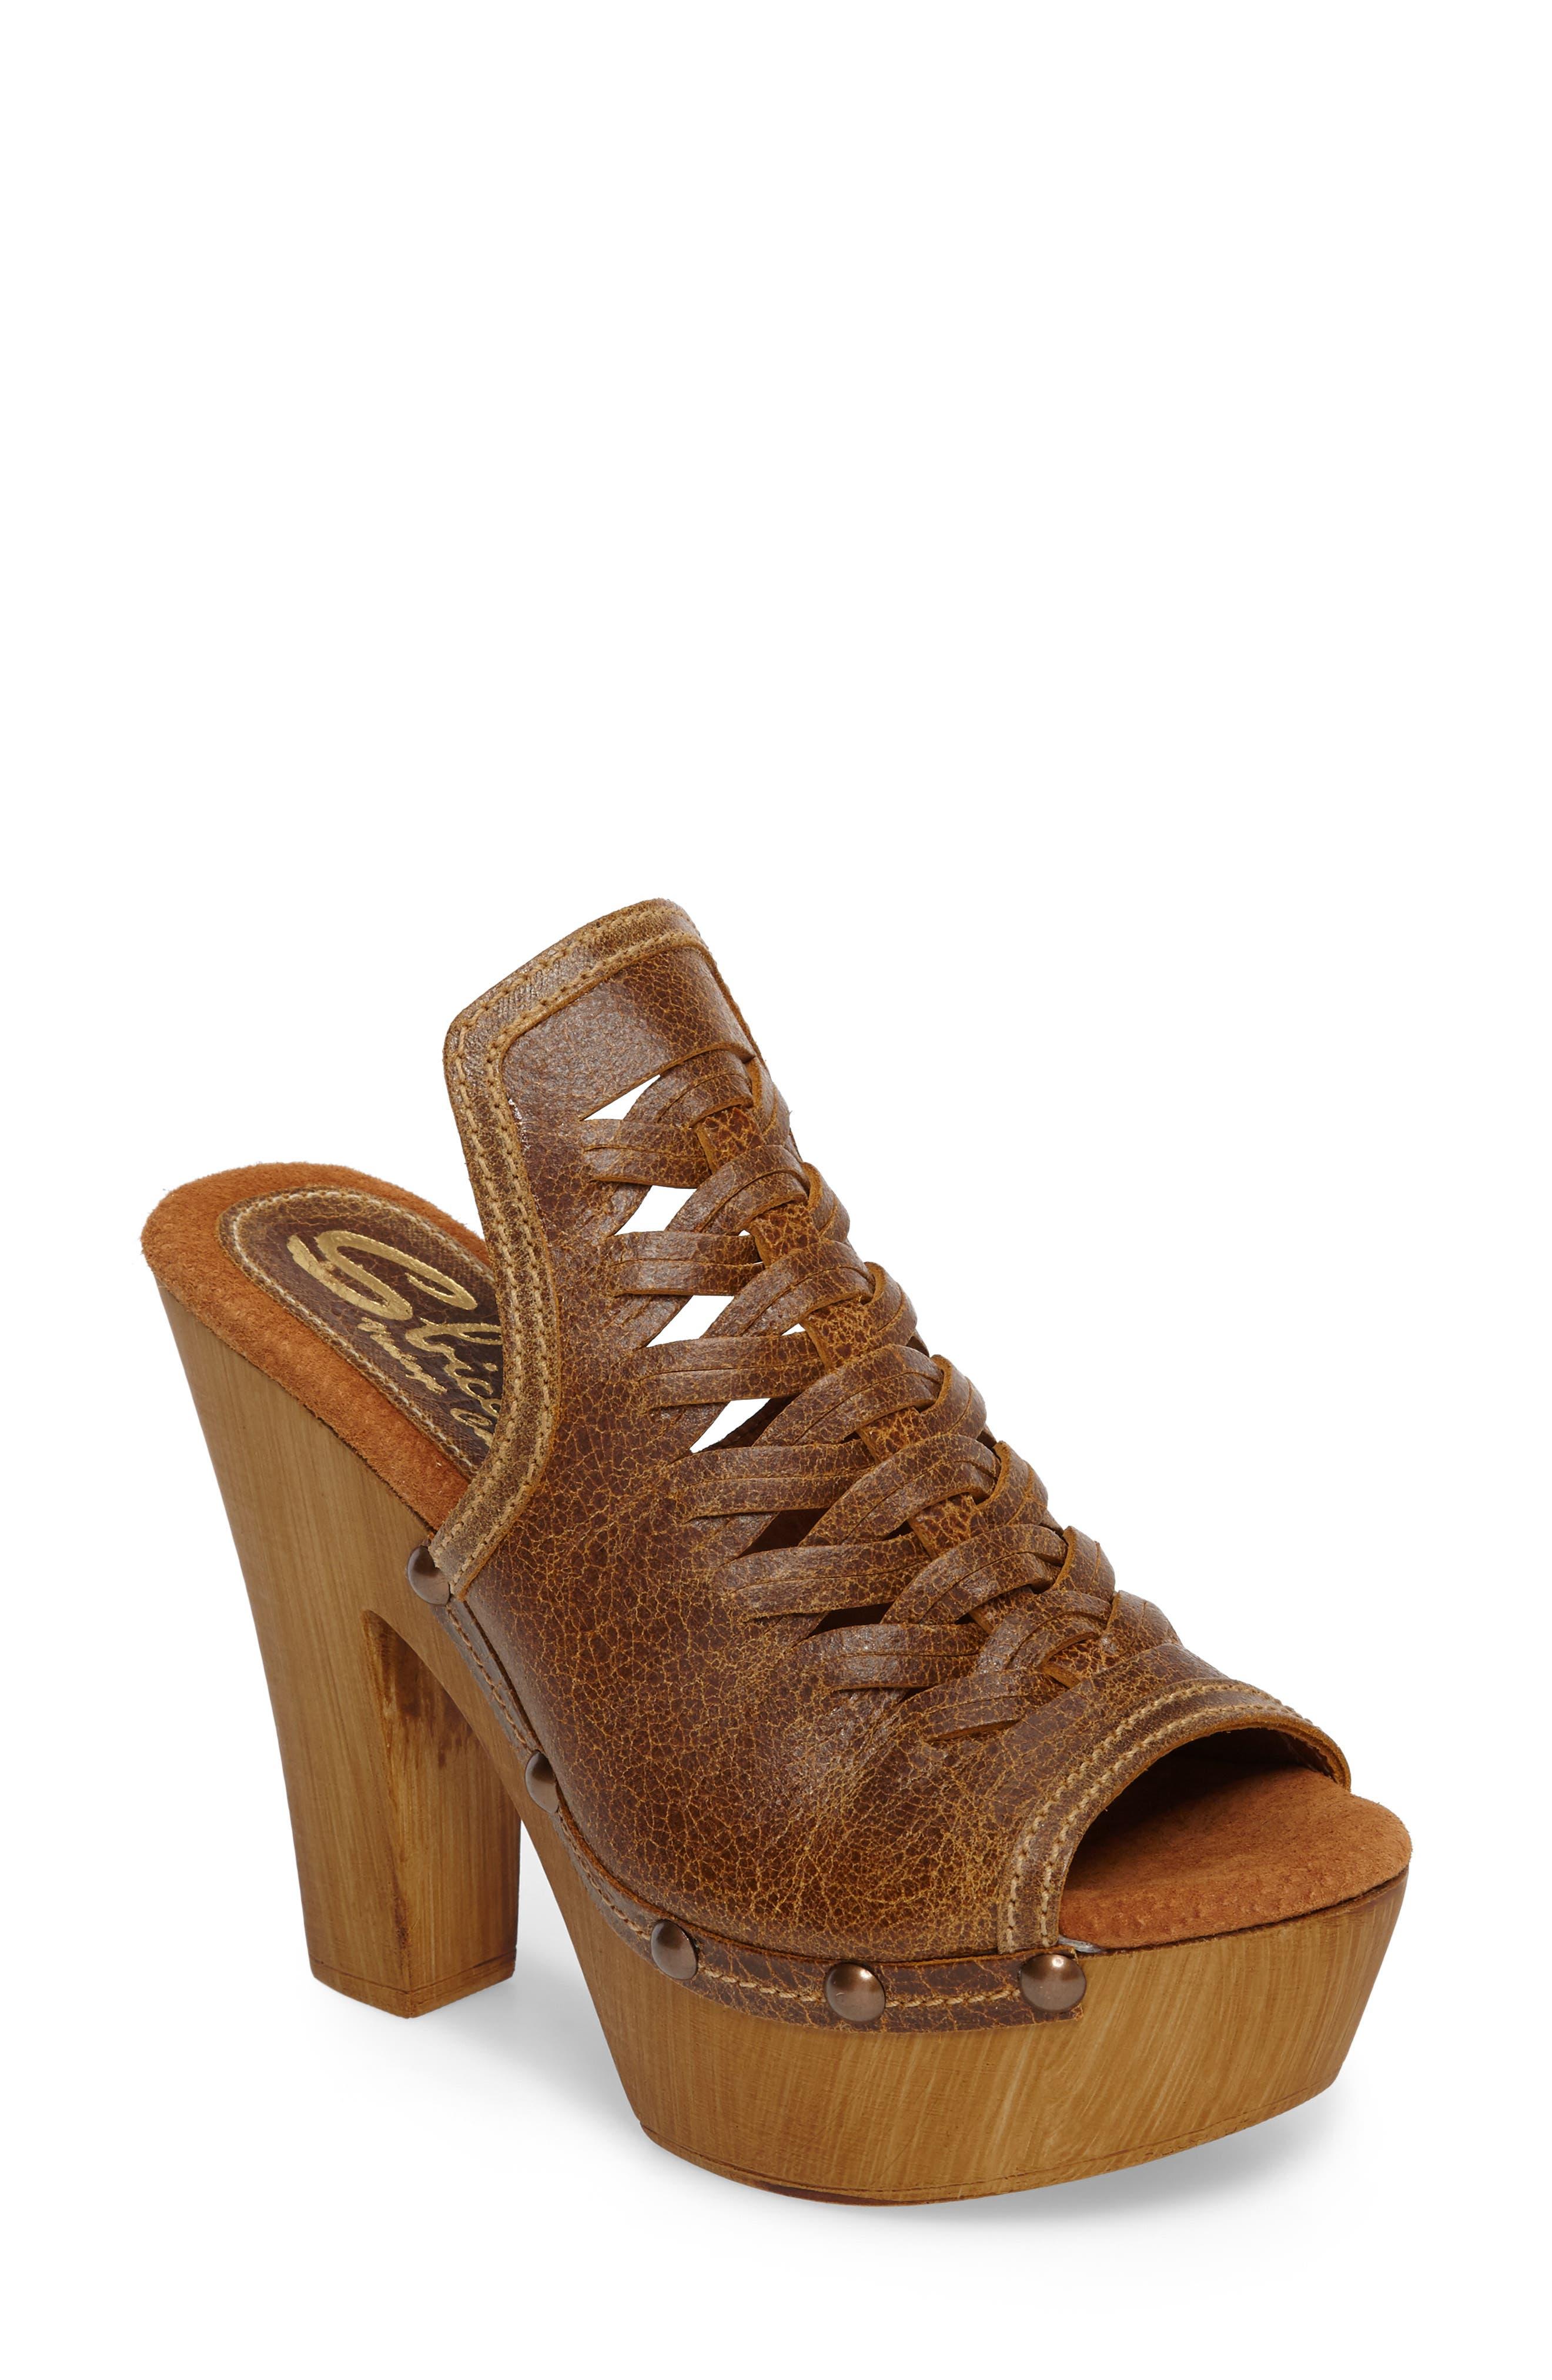 Main Image - Sbicca Kinga Platform Sandal (Women)